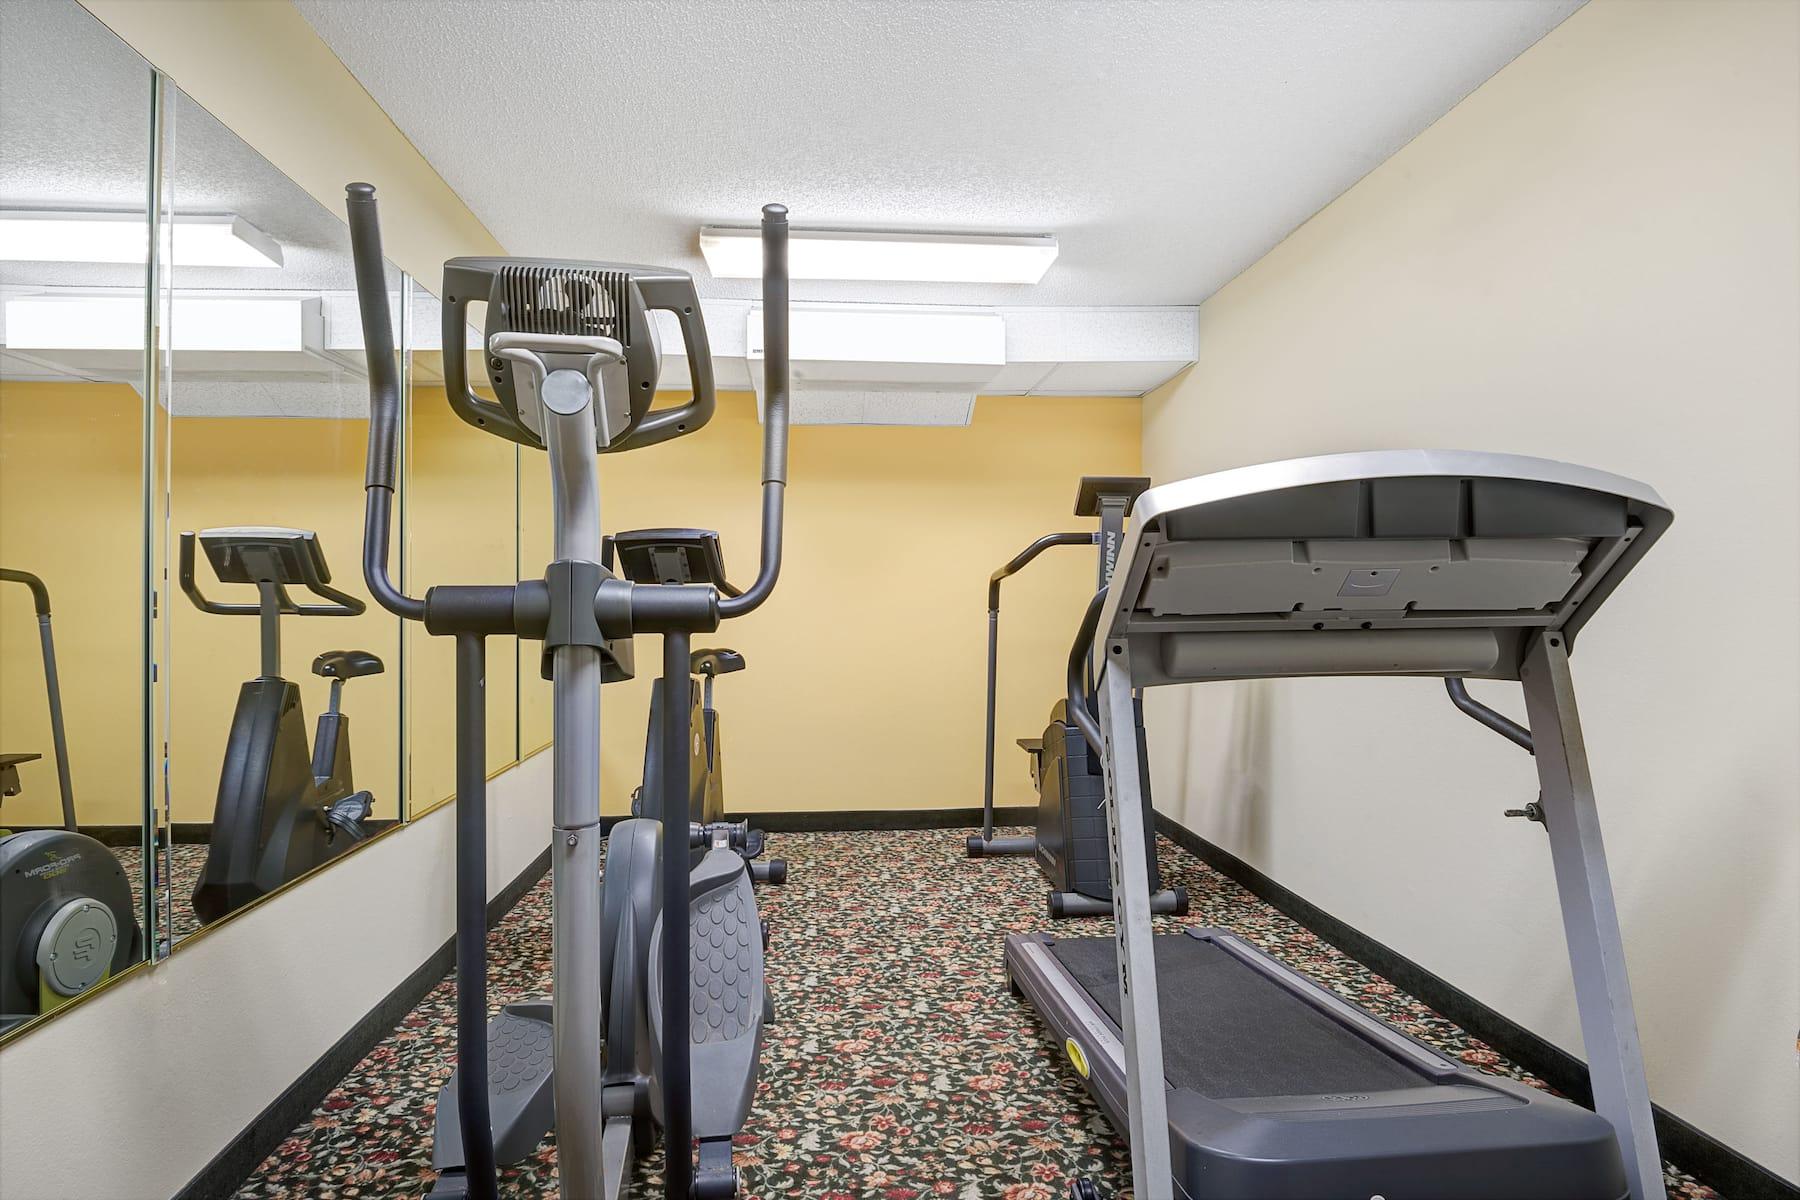 Days Inn By Wyndham Burlington East Haw River Nc Hotels